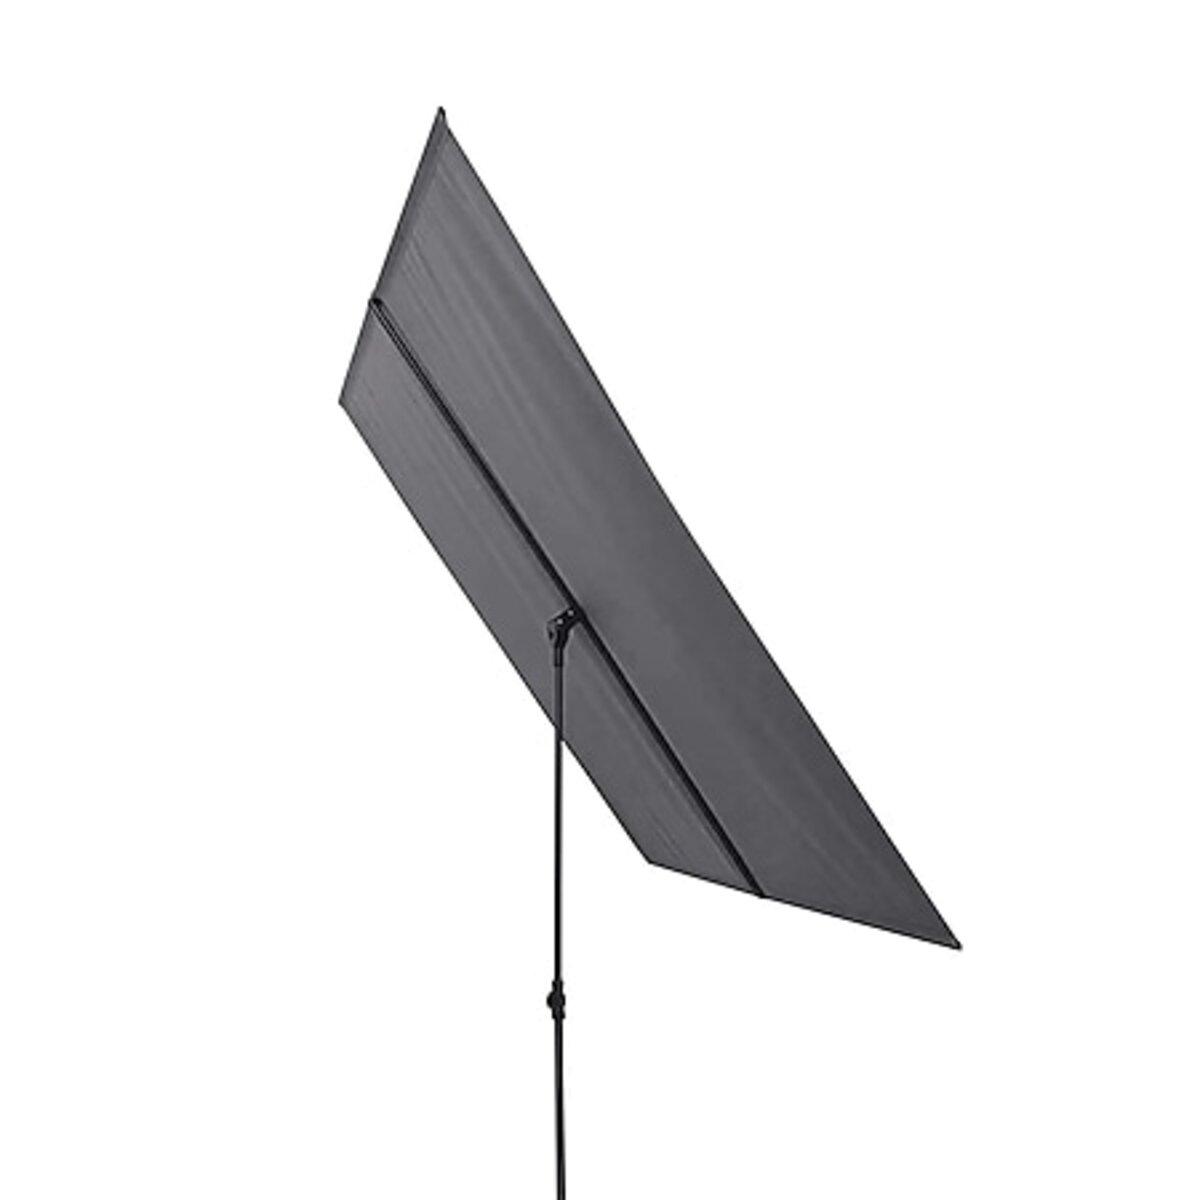 Bild 1 von Hoberg Sonnenschirm rechteckig 180x130x200cm anthrazit